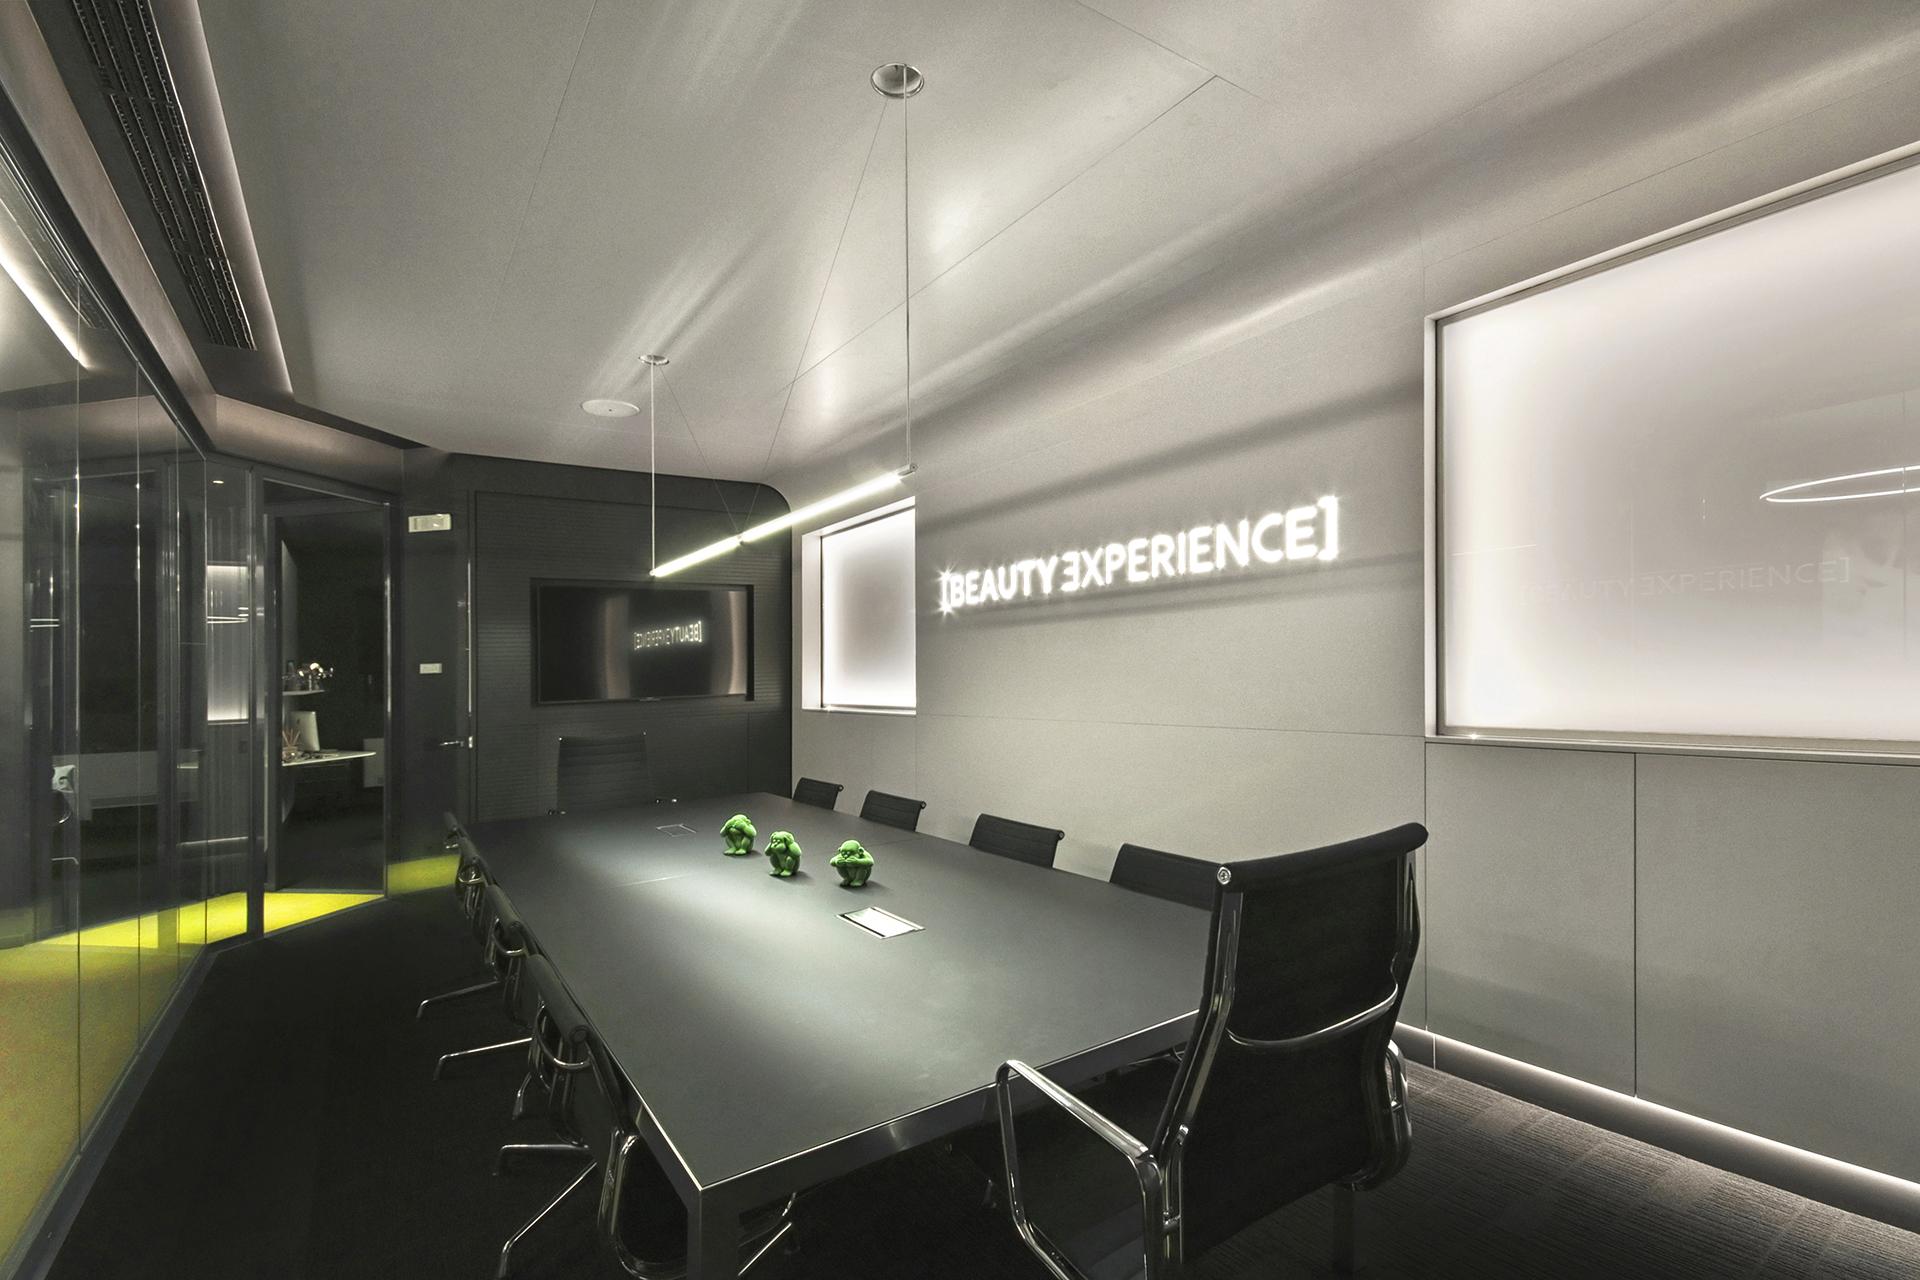 sala riunioni uffici direzionali Beauty Experience